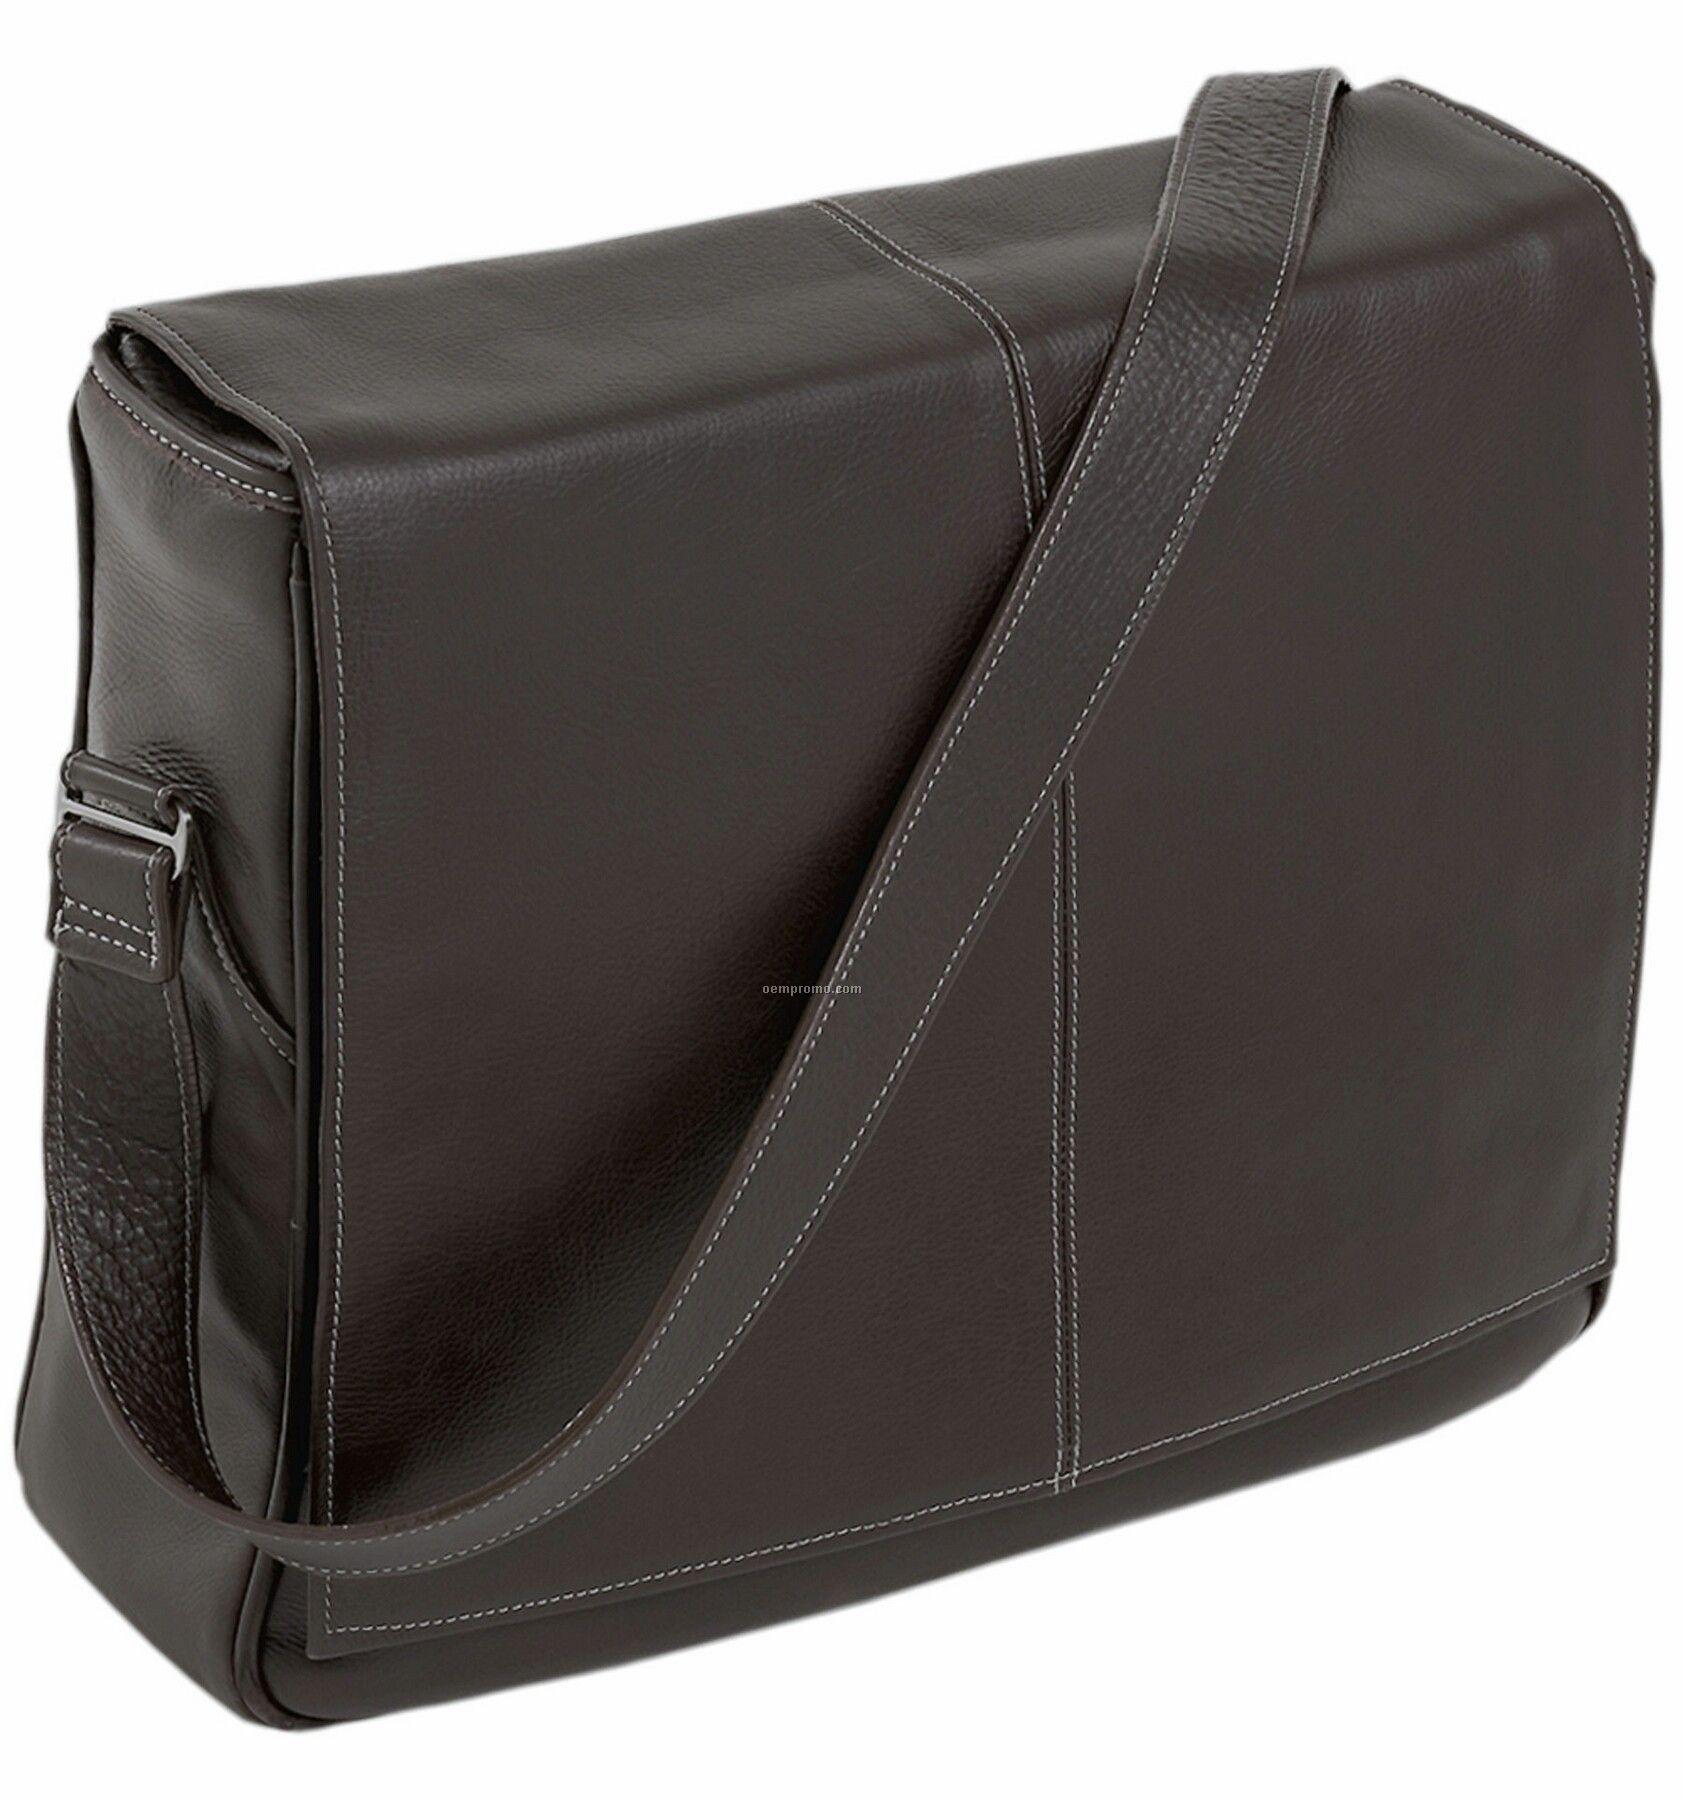 San Francesco Leather Messenger Bag - Chocolate Brown